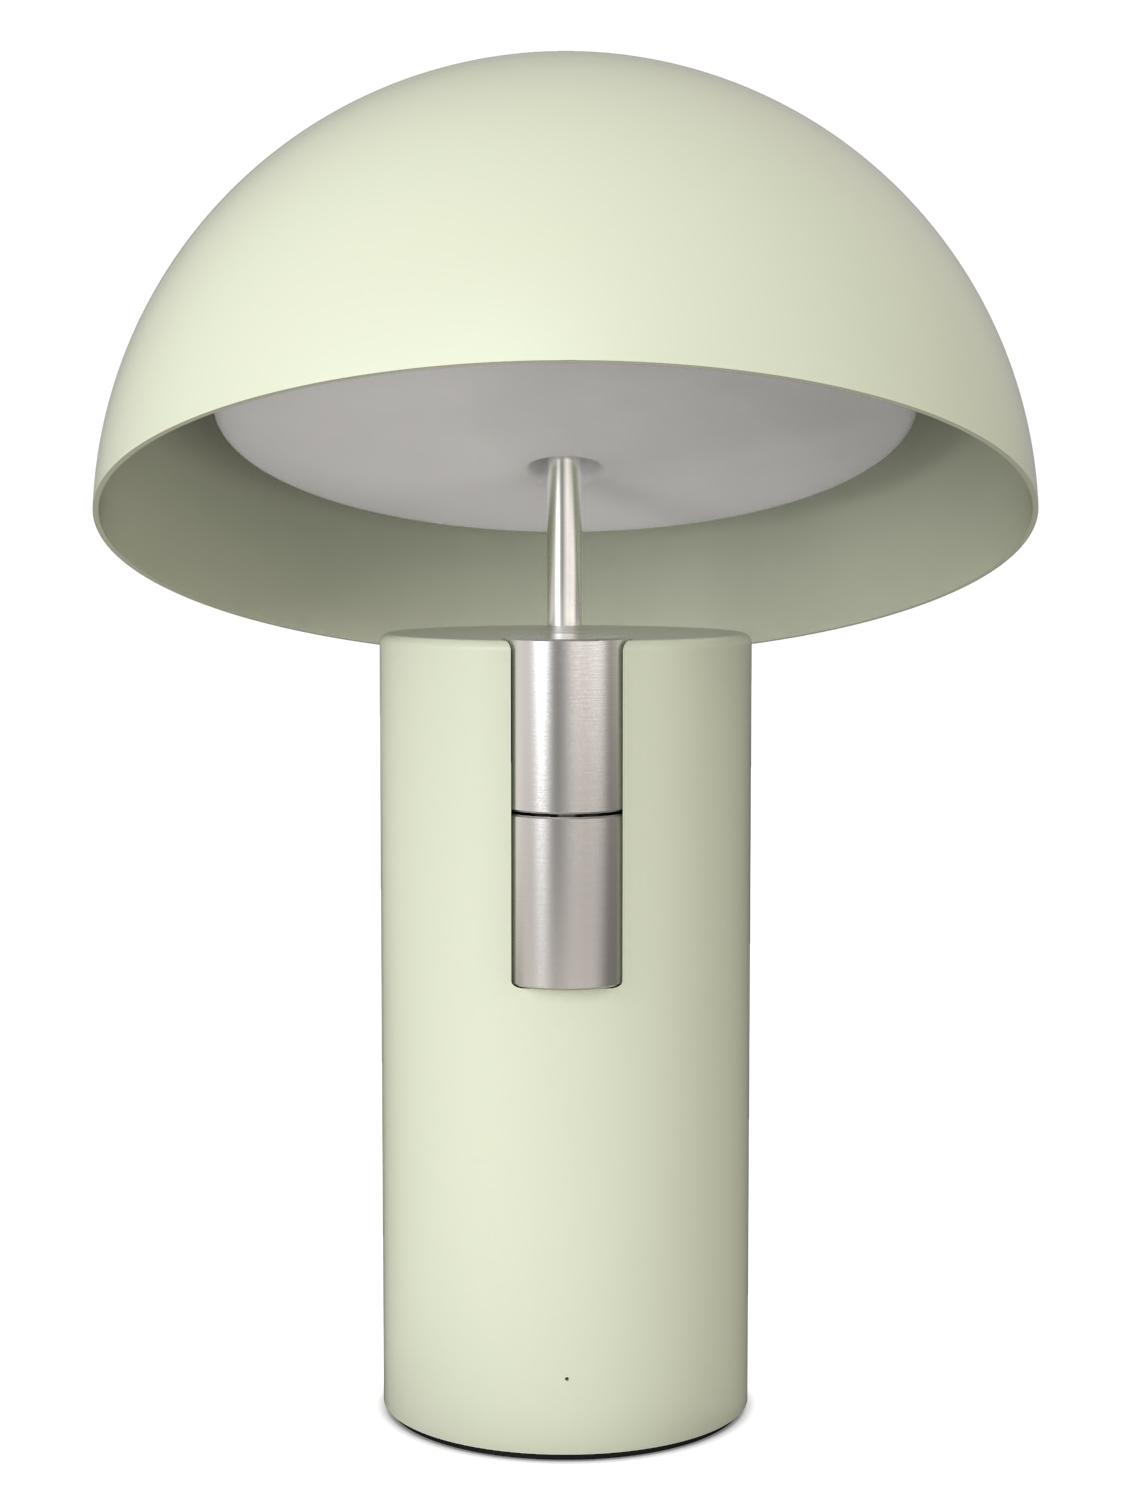 Alto - La lampe de chevet - Couleur menthe à l'eau - Jaune Fabrique